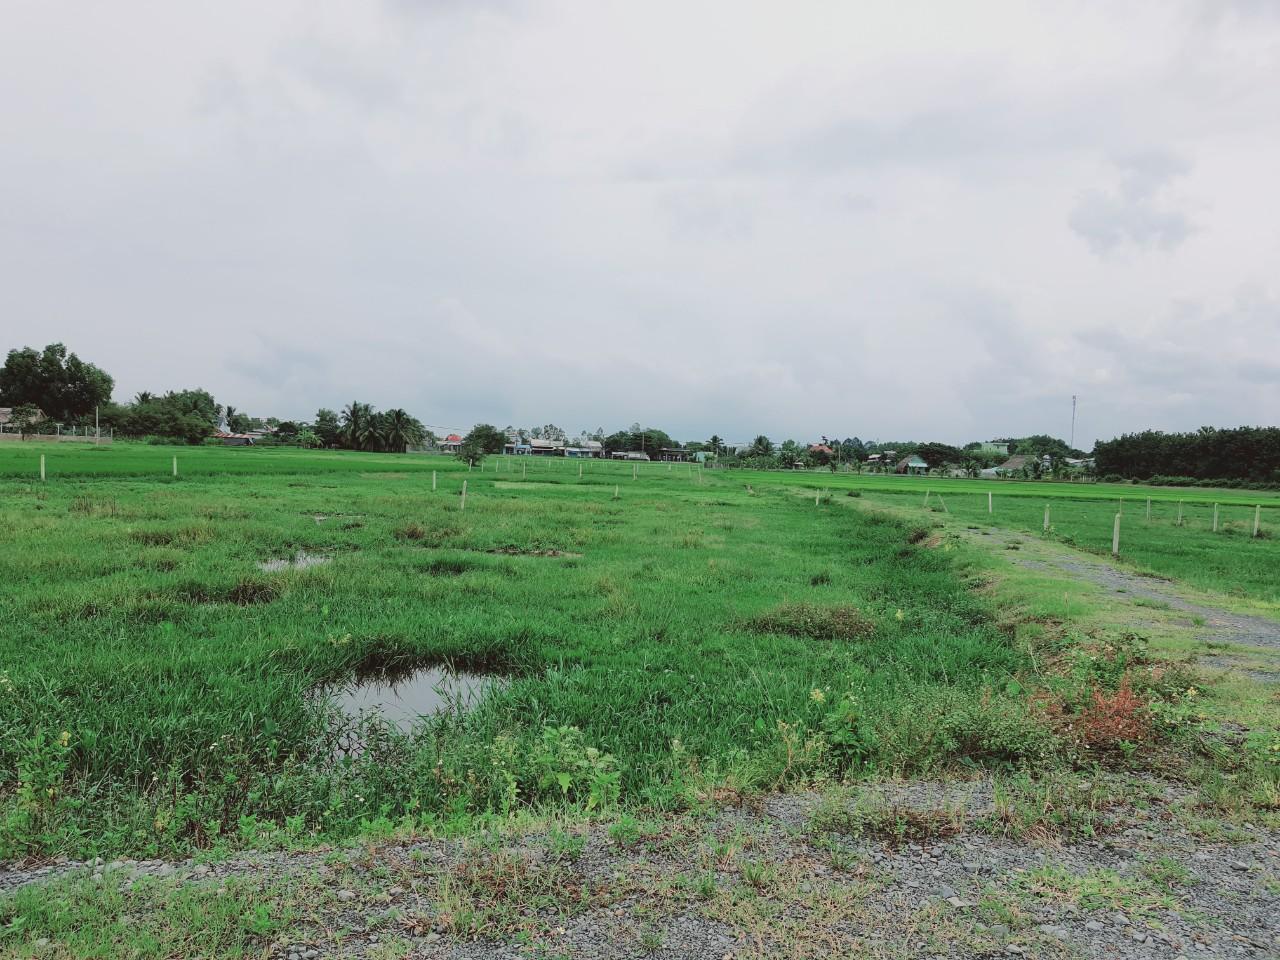 Cần bán Căn hộ chung cư đường Tỉnh Lộ 7, Xã Trung Lập Hạ, Diện tích 518m², Giá Thương lượng - LH: 0933874128